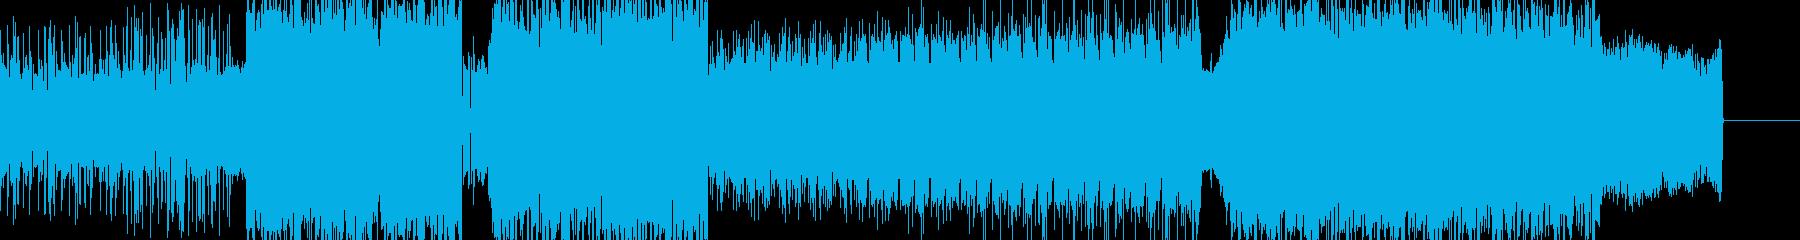 ノリのいいヘビーなダブステップの再生済みの波形